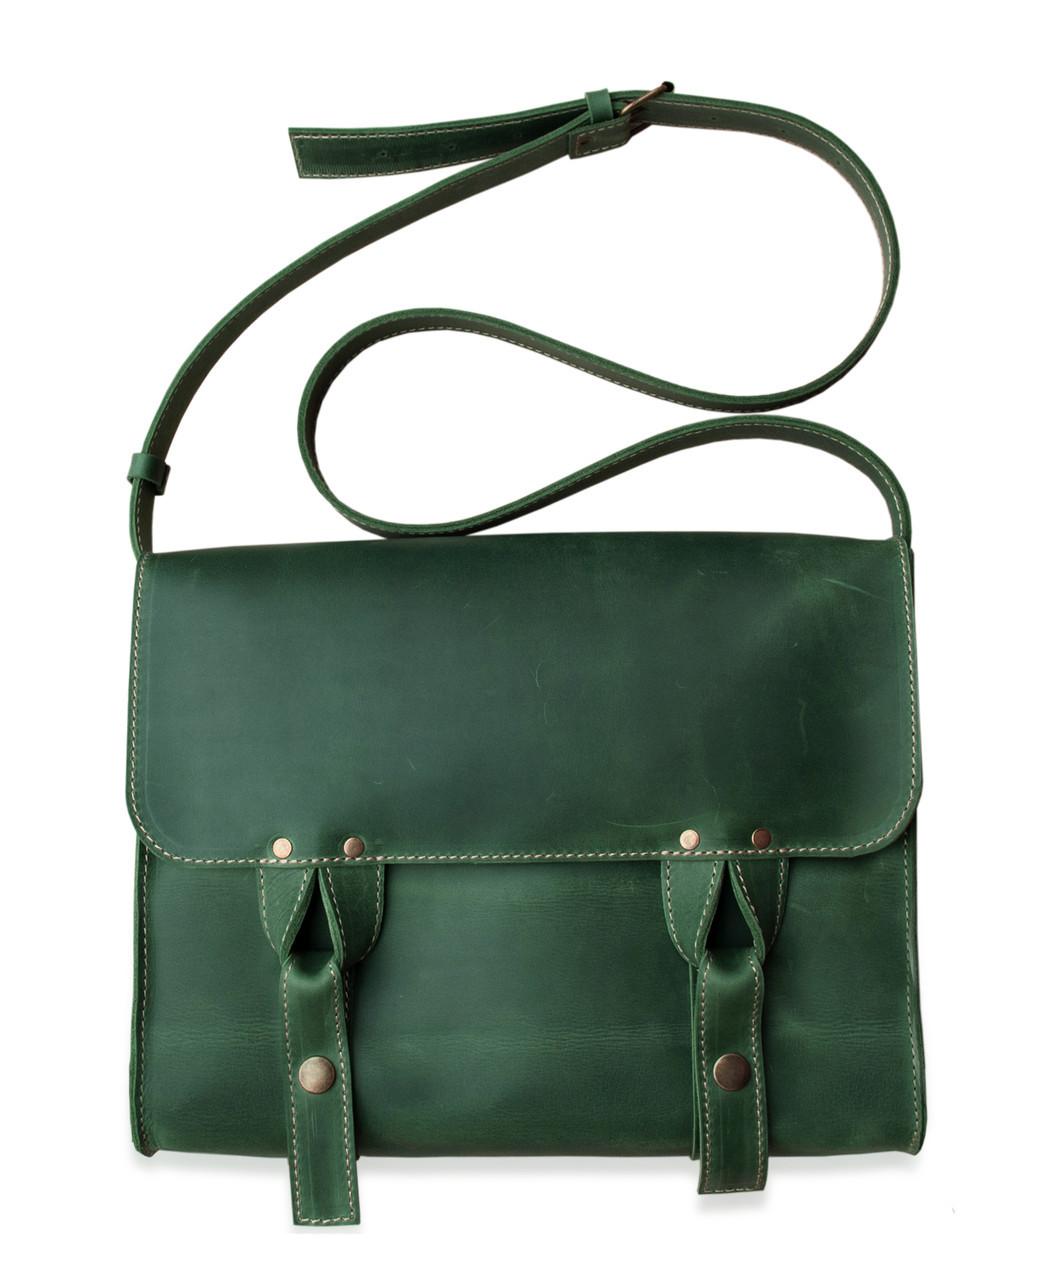 Satchel bag green, мессенджер зелёная